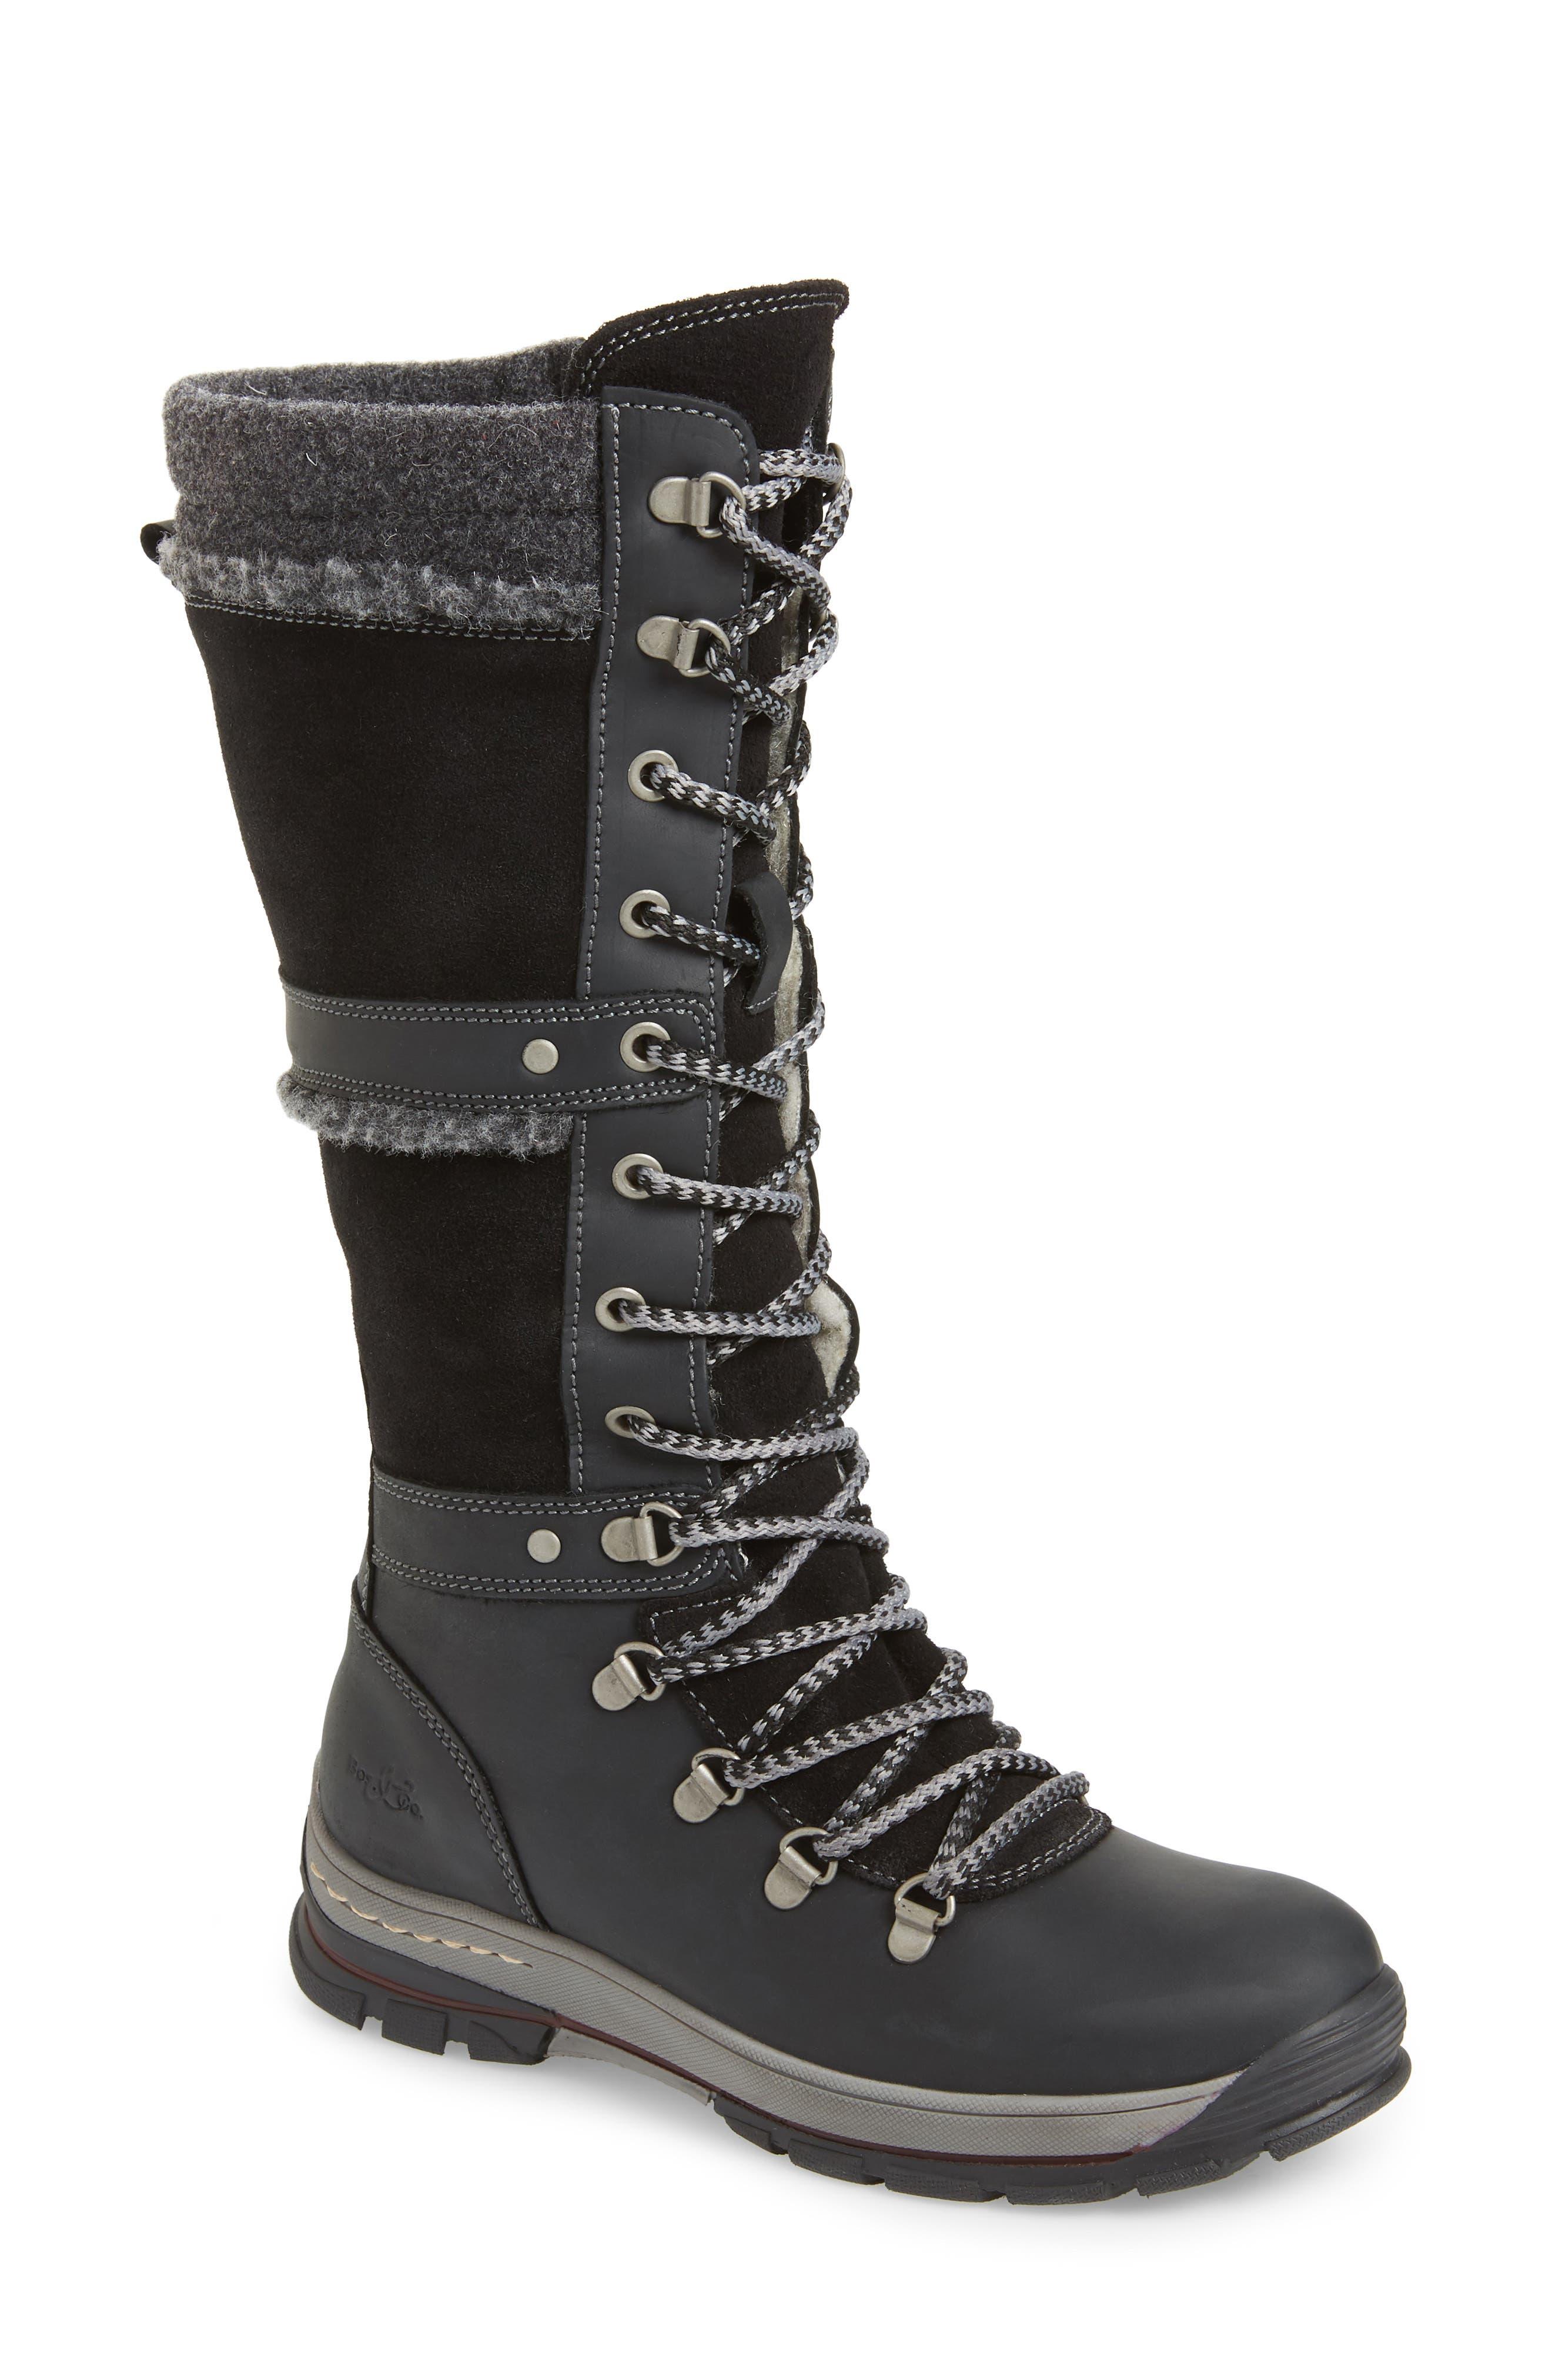 BOS. & CO. Gabriella Waterproof Boot, Main, color, BLACK/ DARK GREY CROMAGNON